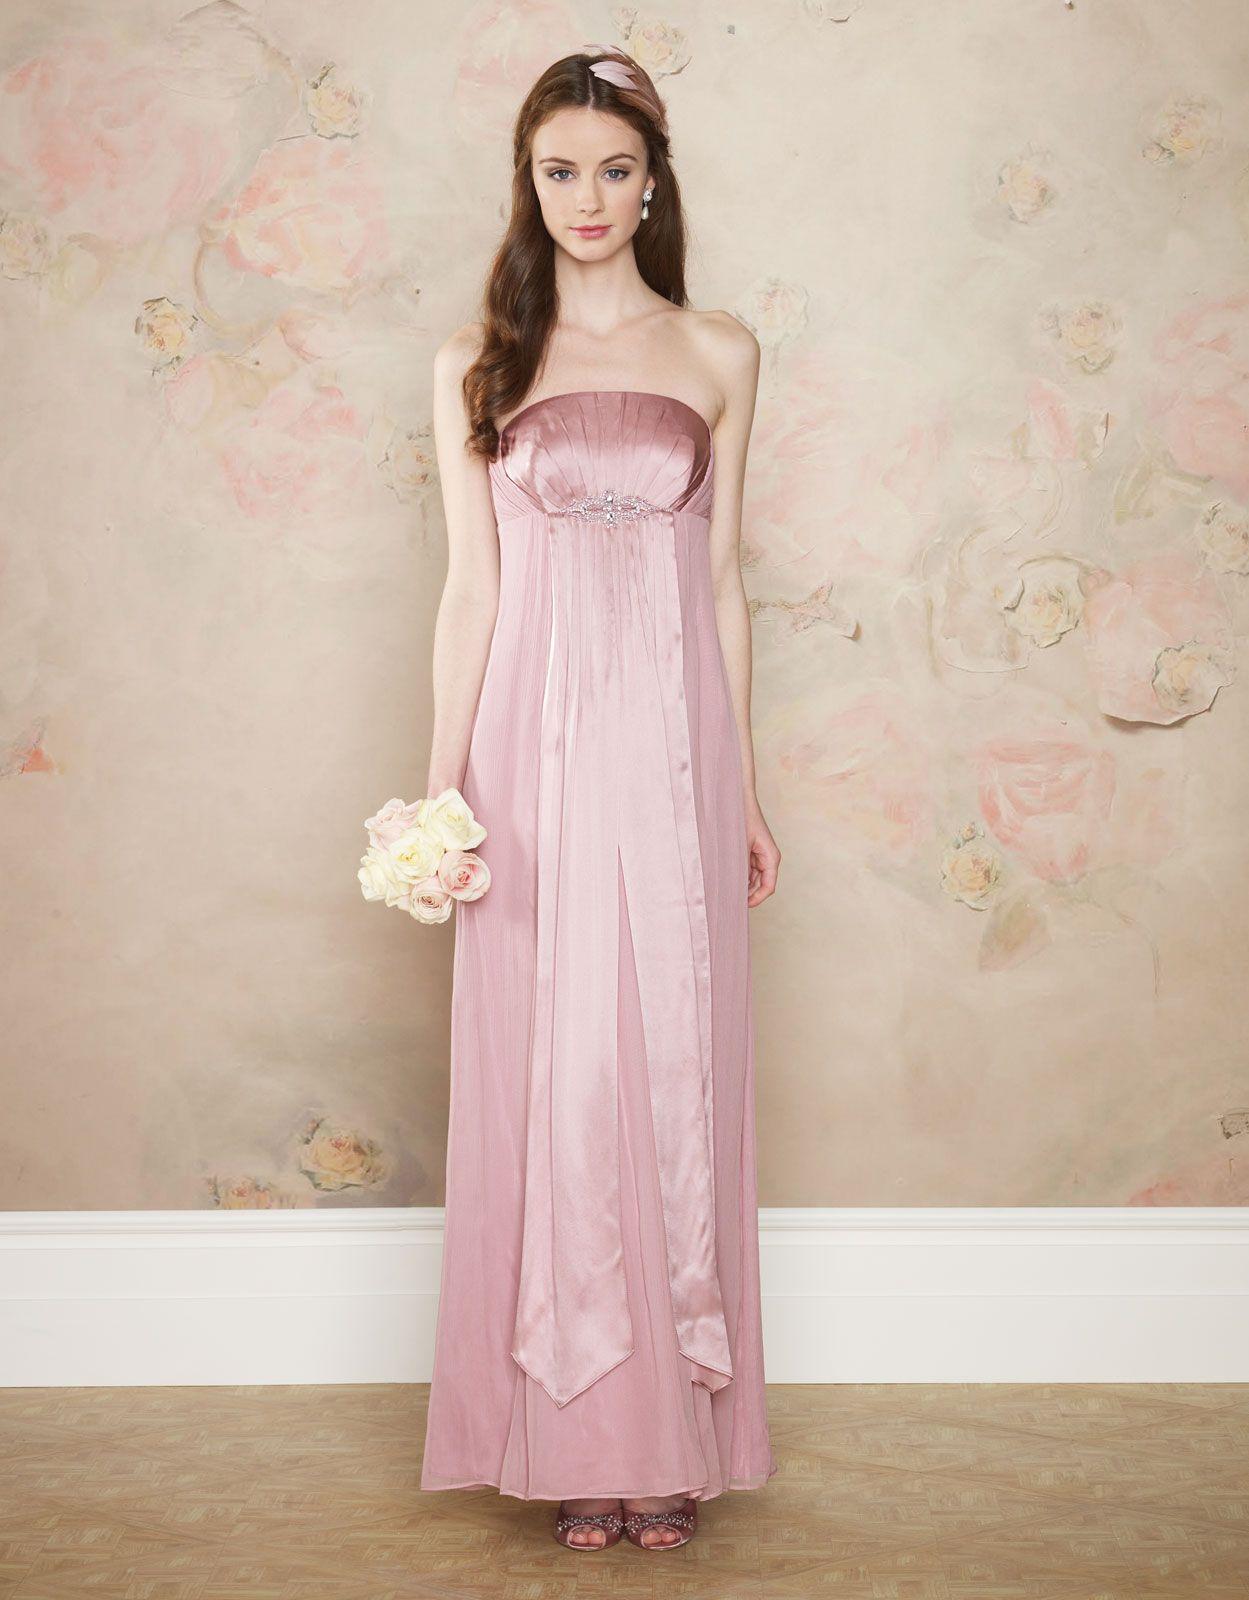 Diana maxi bridesmaid dress from monsoon httpuknsoon dusky pink bridesmaid dress from the high street diana maxi dress monsoon ombrellifo Choice Image